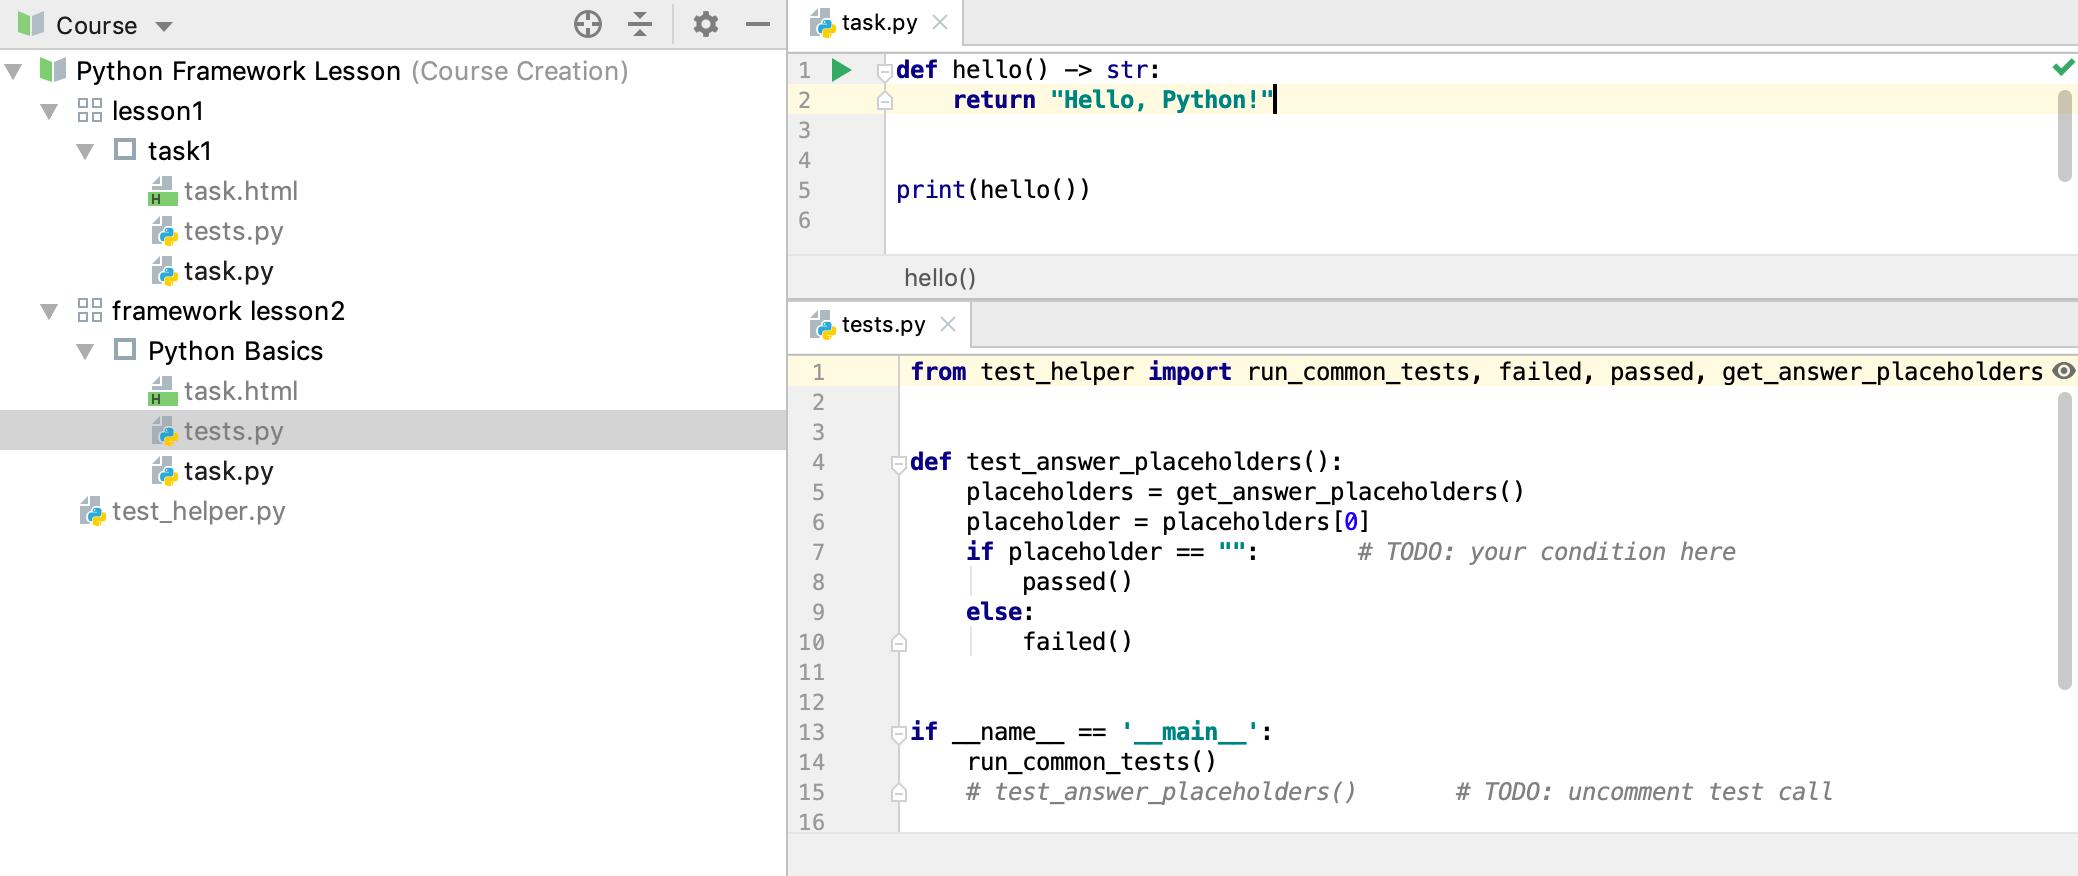 edu framework lesson test code python